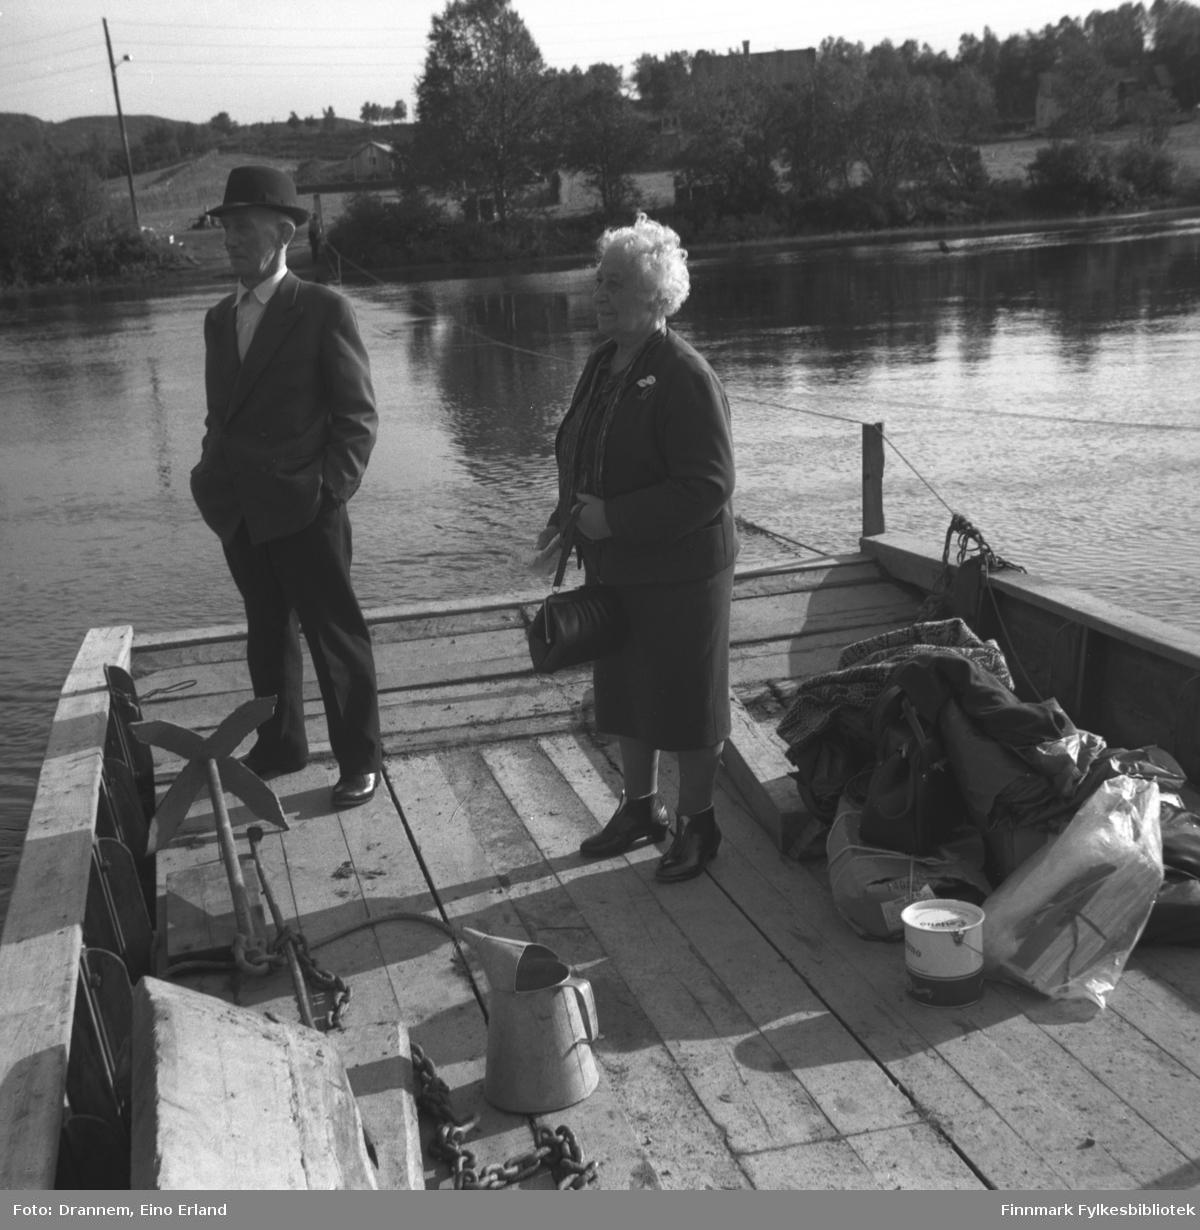 Einar og Kaspara Jonassen fotografert på ferga/prammen over Neidenelva.